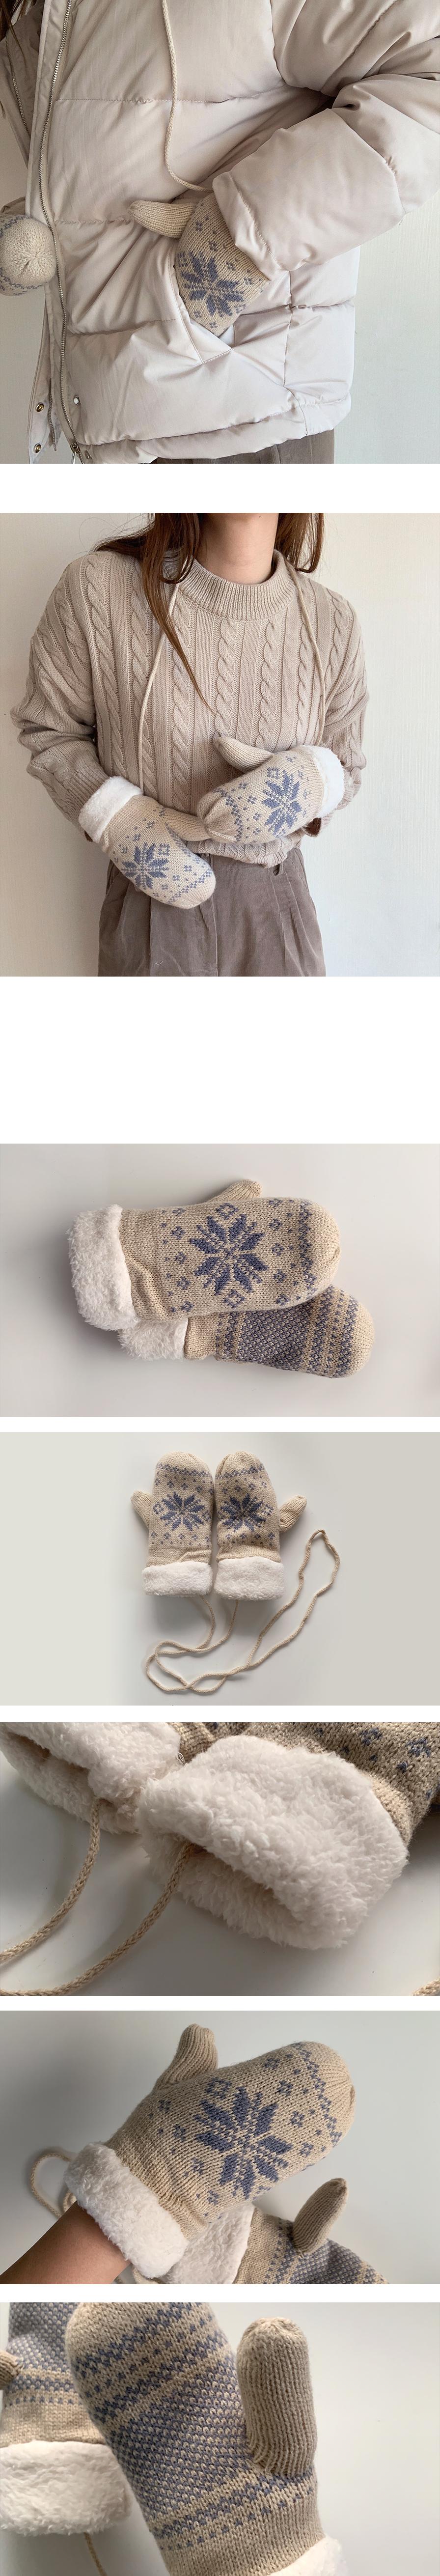 눈꽃 니트 벙어리 장갑 - (주)아르뉴, 11,810원, 장갑, 스마트폰장갑